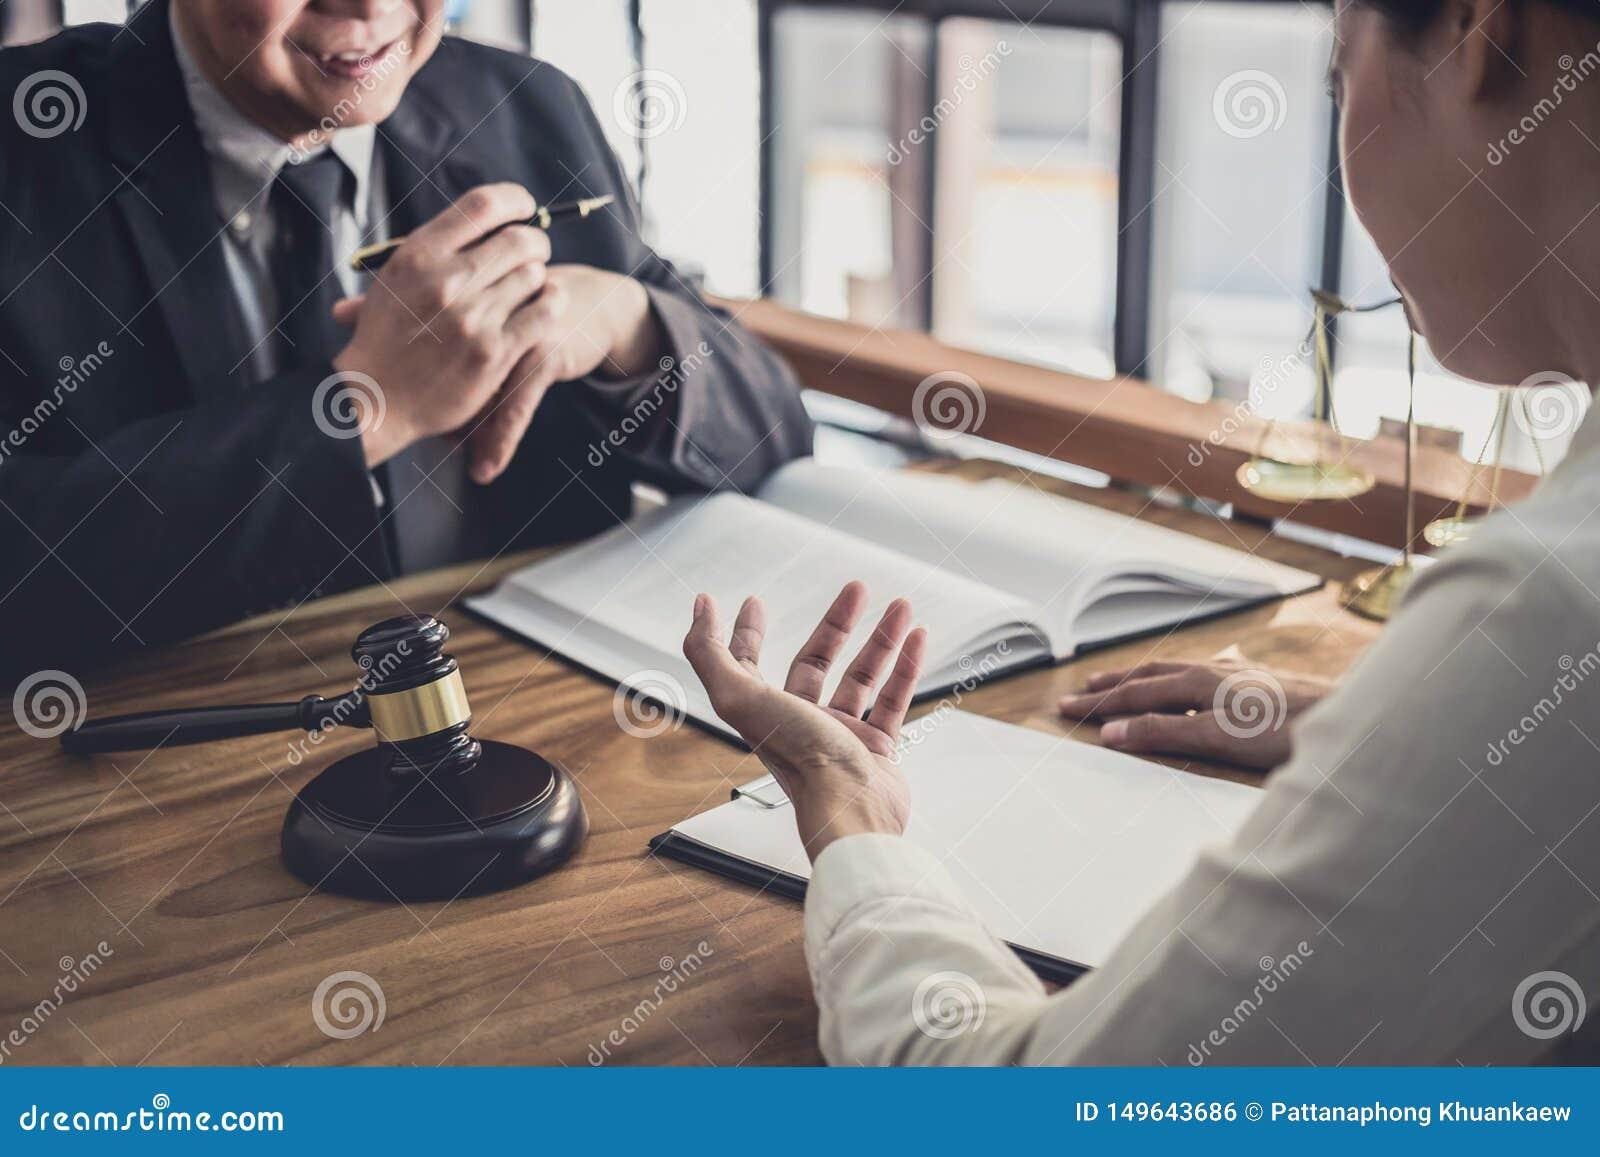 Ο αρσενικός δικηγόρος ή ο δικαστής συσκέπτεται τη διοργάνωση της συνεδρίασης των ομάδων την έννοια με τον πελάτη επιχειρηματιών,